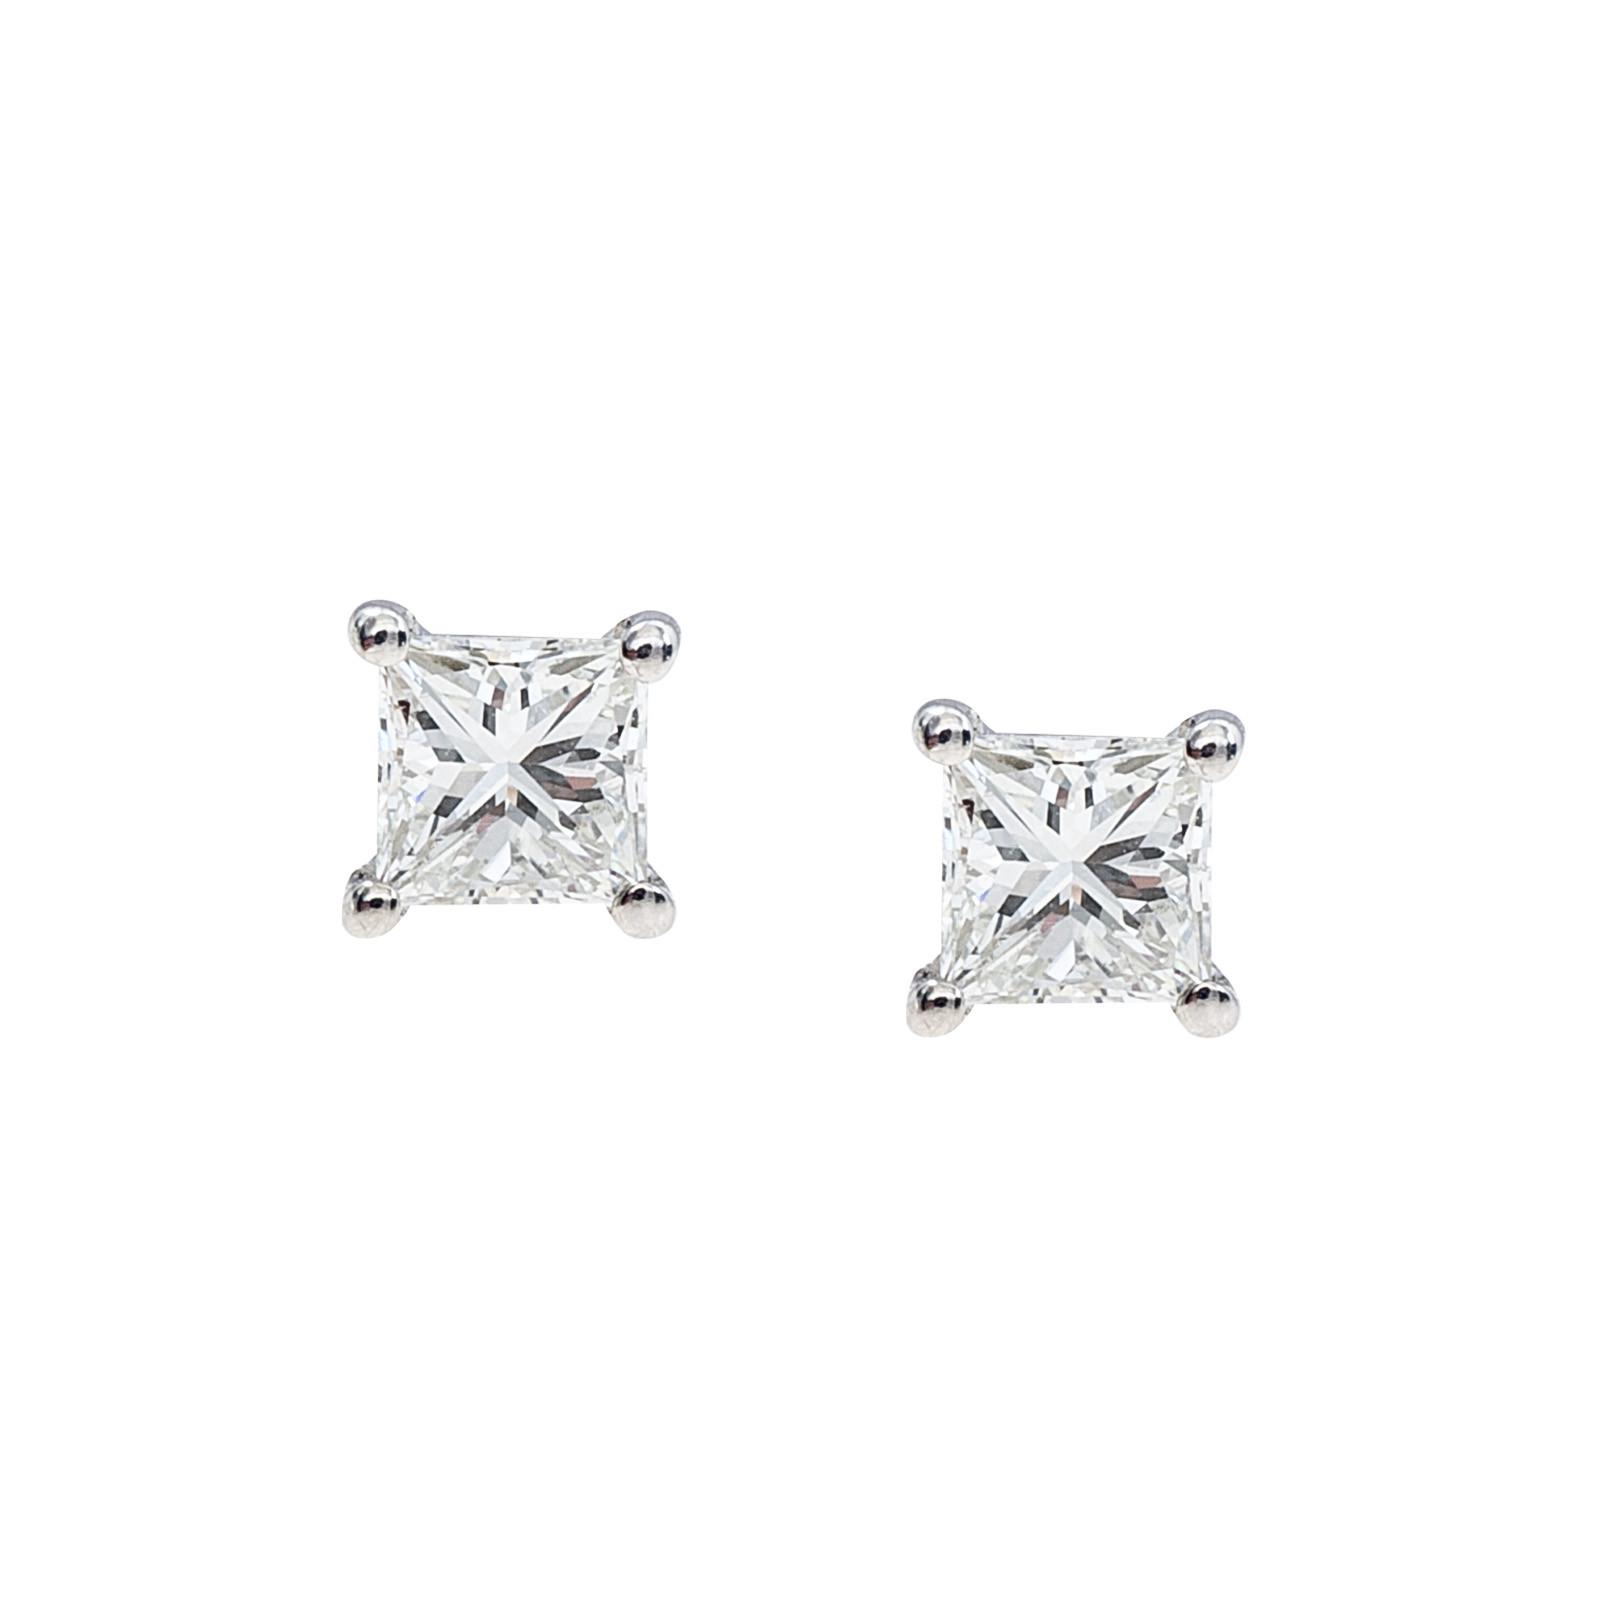 New 0.47 CTW Princess Cut Diamond Stud Earrings